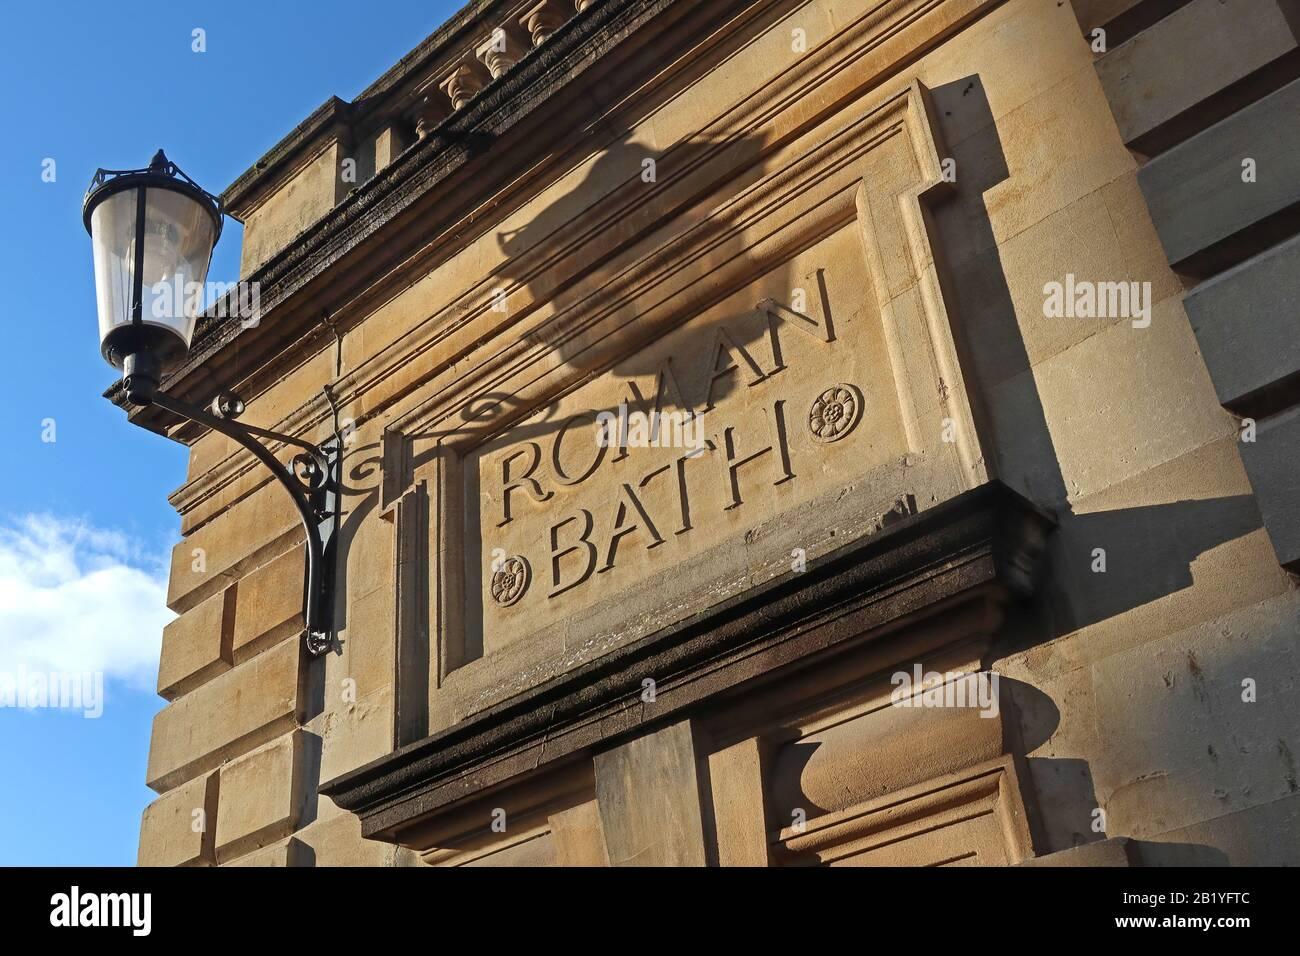 Dieses Stockfoto: Roman Bath Building - Bath Spa, Somerset, England, Großbritannien - Thermae im römischen Britannien - Aquae Sulis - 2B1YFT